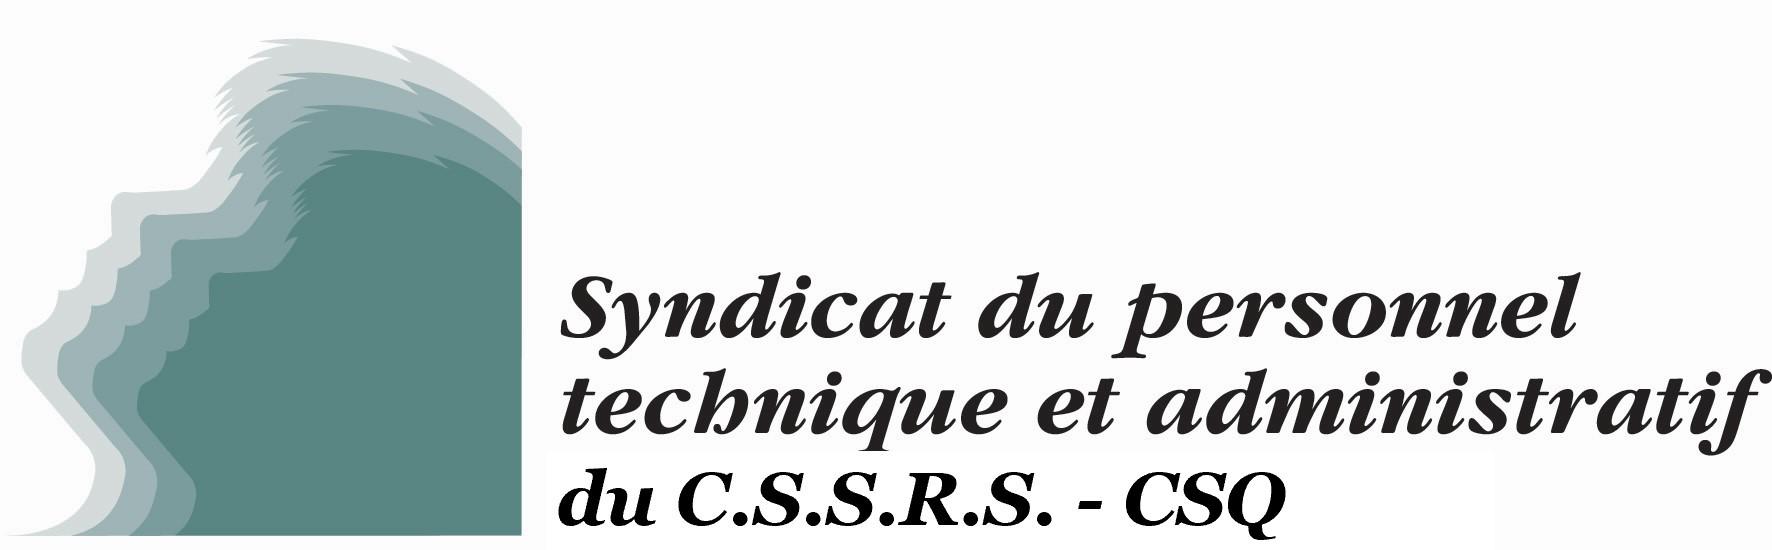 Syndicat du personnel technique et administratif de la C.S.R.S. (SPTA-CSQ)